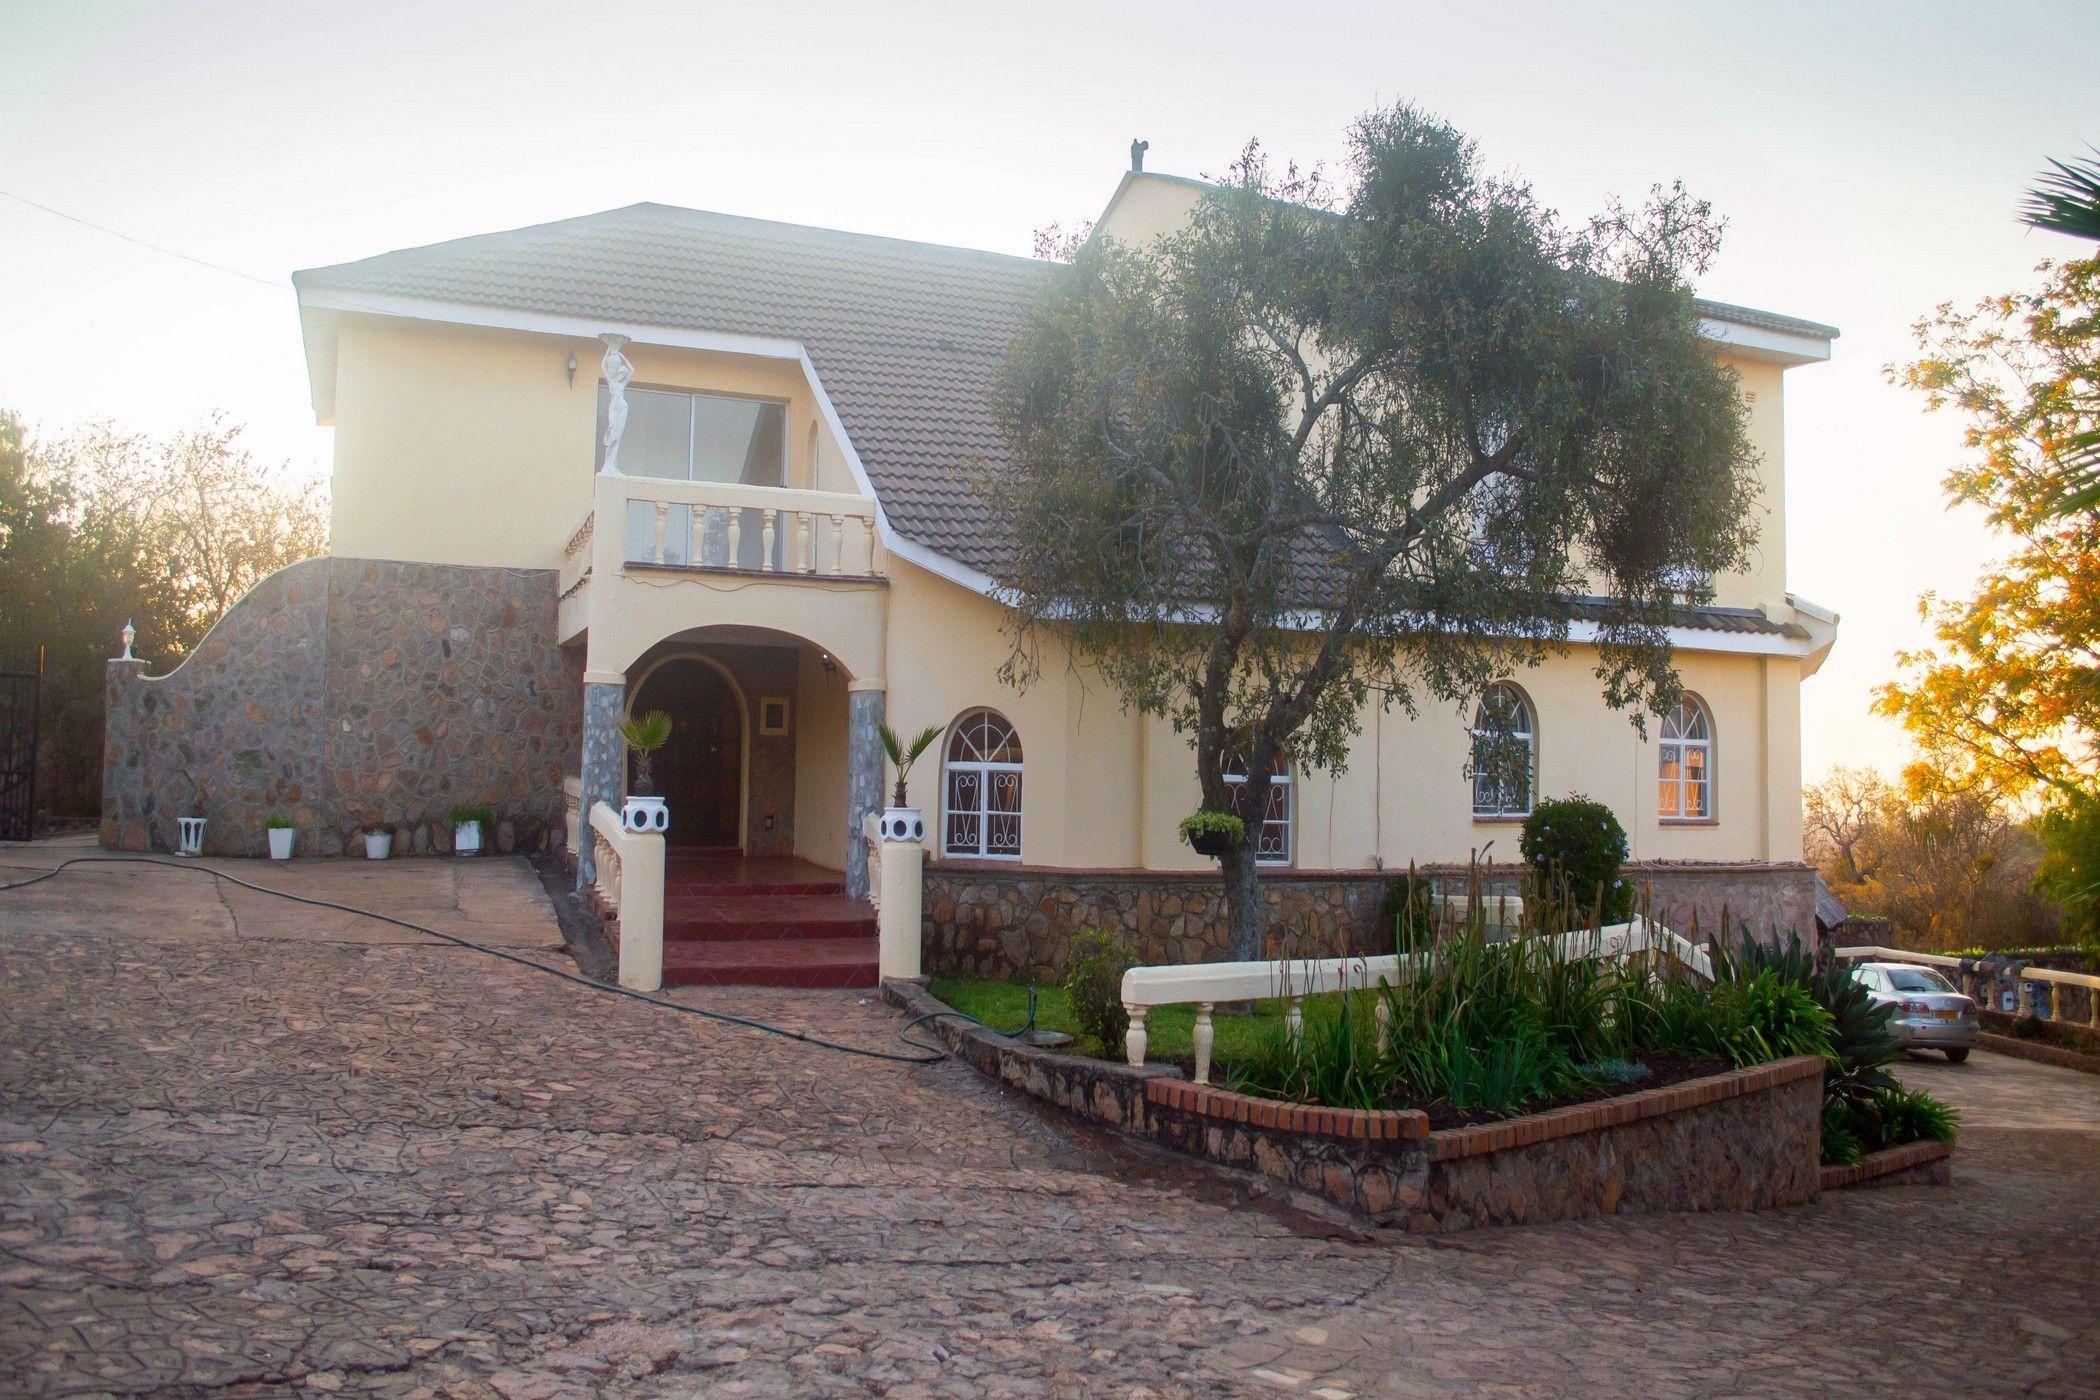 4 bedroom house for sale in Matabeleland (Zimbabwe)